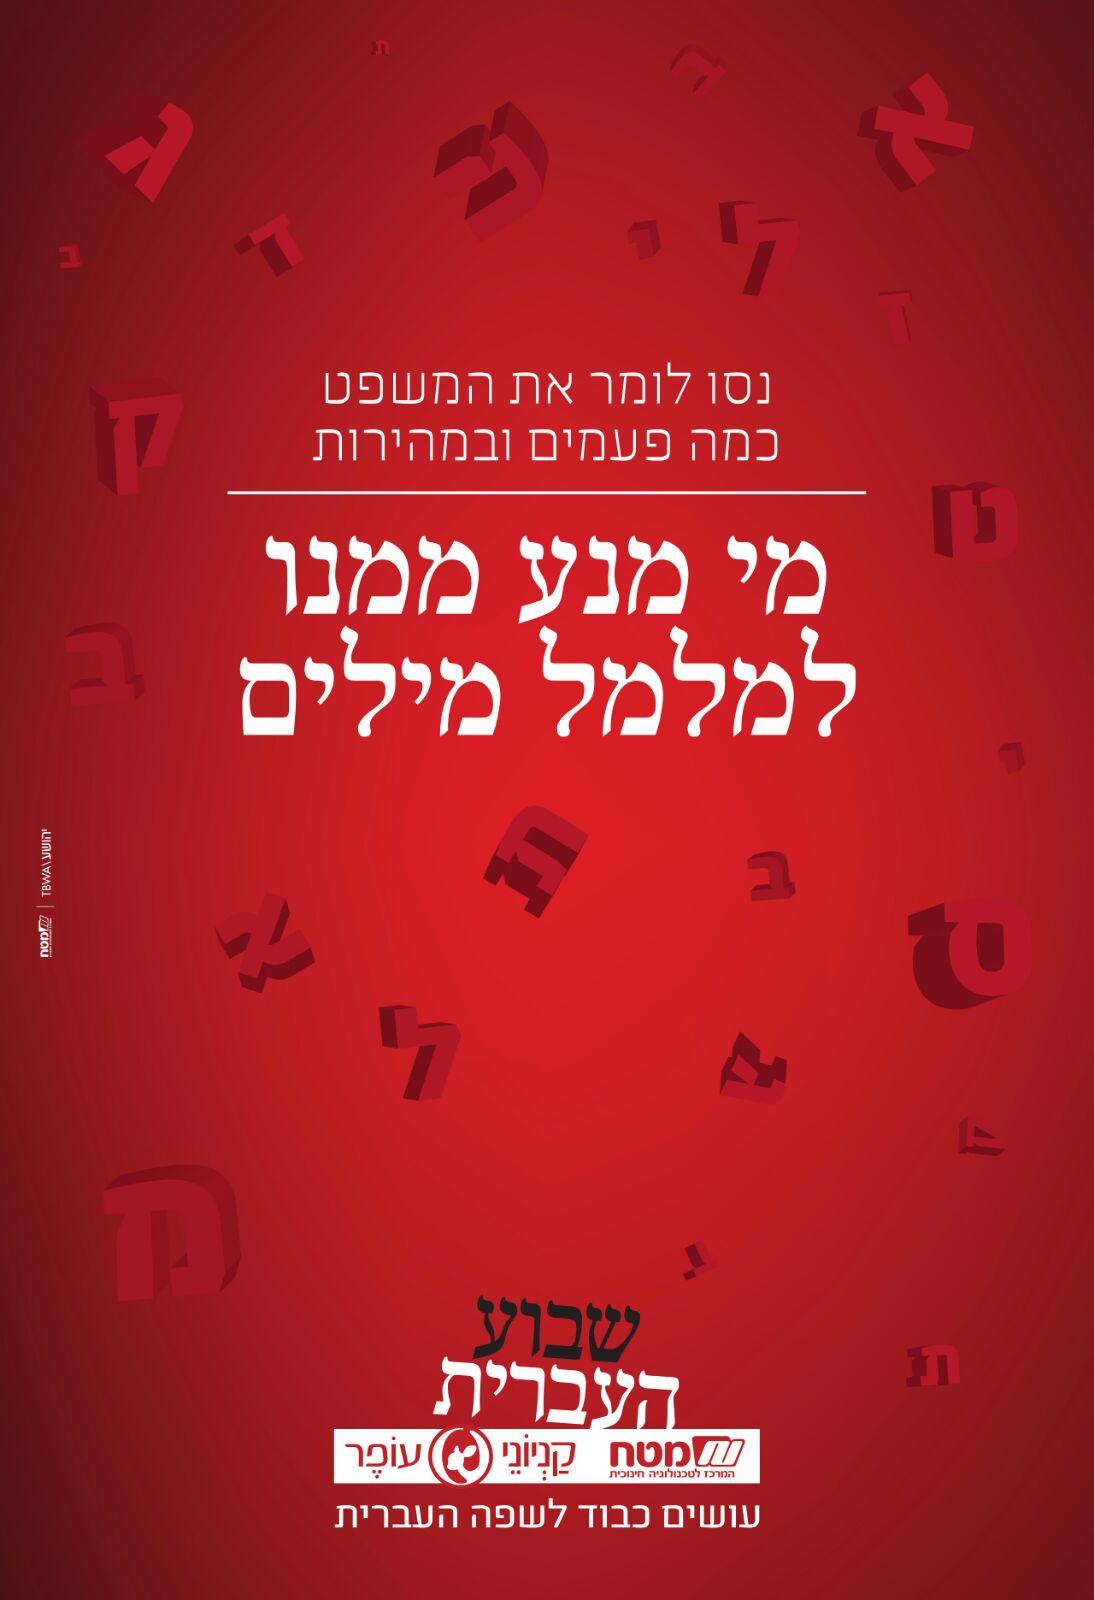 מסע פרסומי המציג את הצדדים המשעשעים של השפה העברית 8